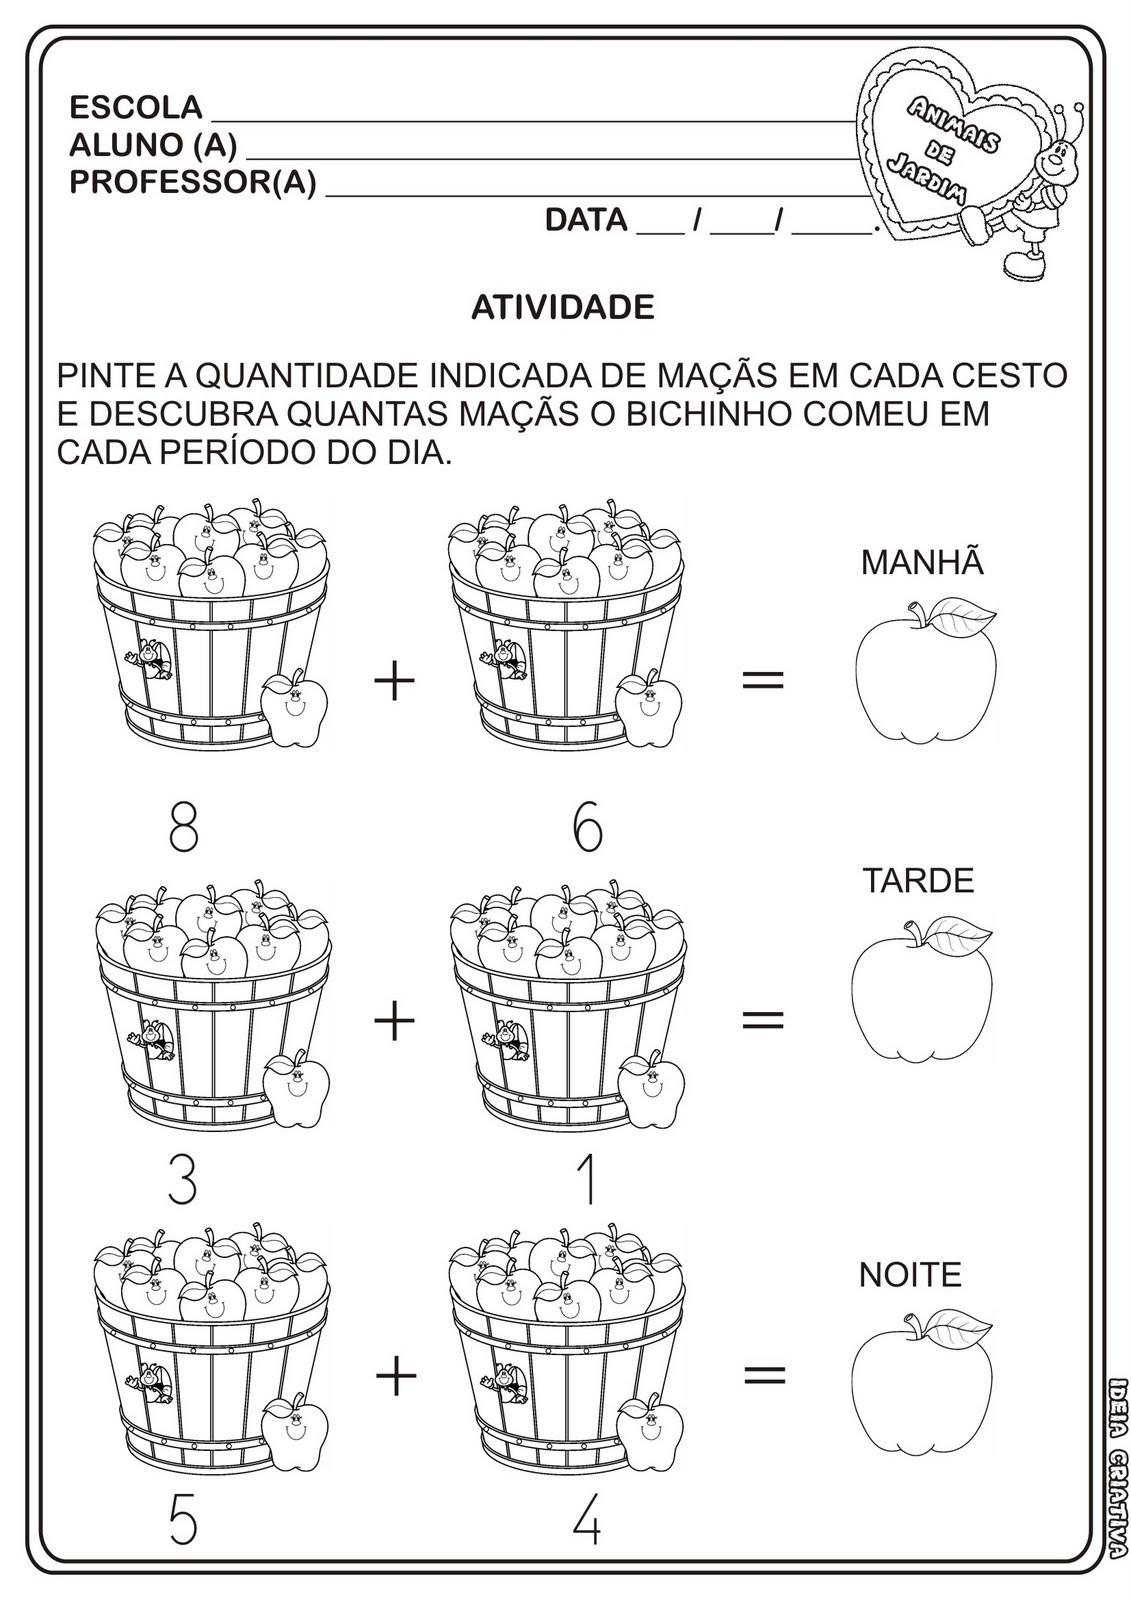 Fabuloso Atividade Matemática Projeto Animais de de Jardim | Ideia Criativa  YI22